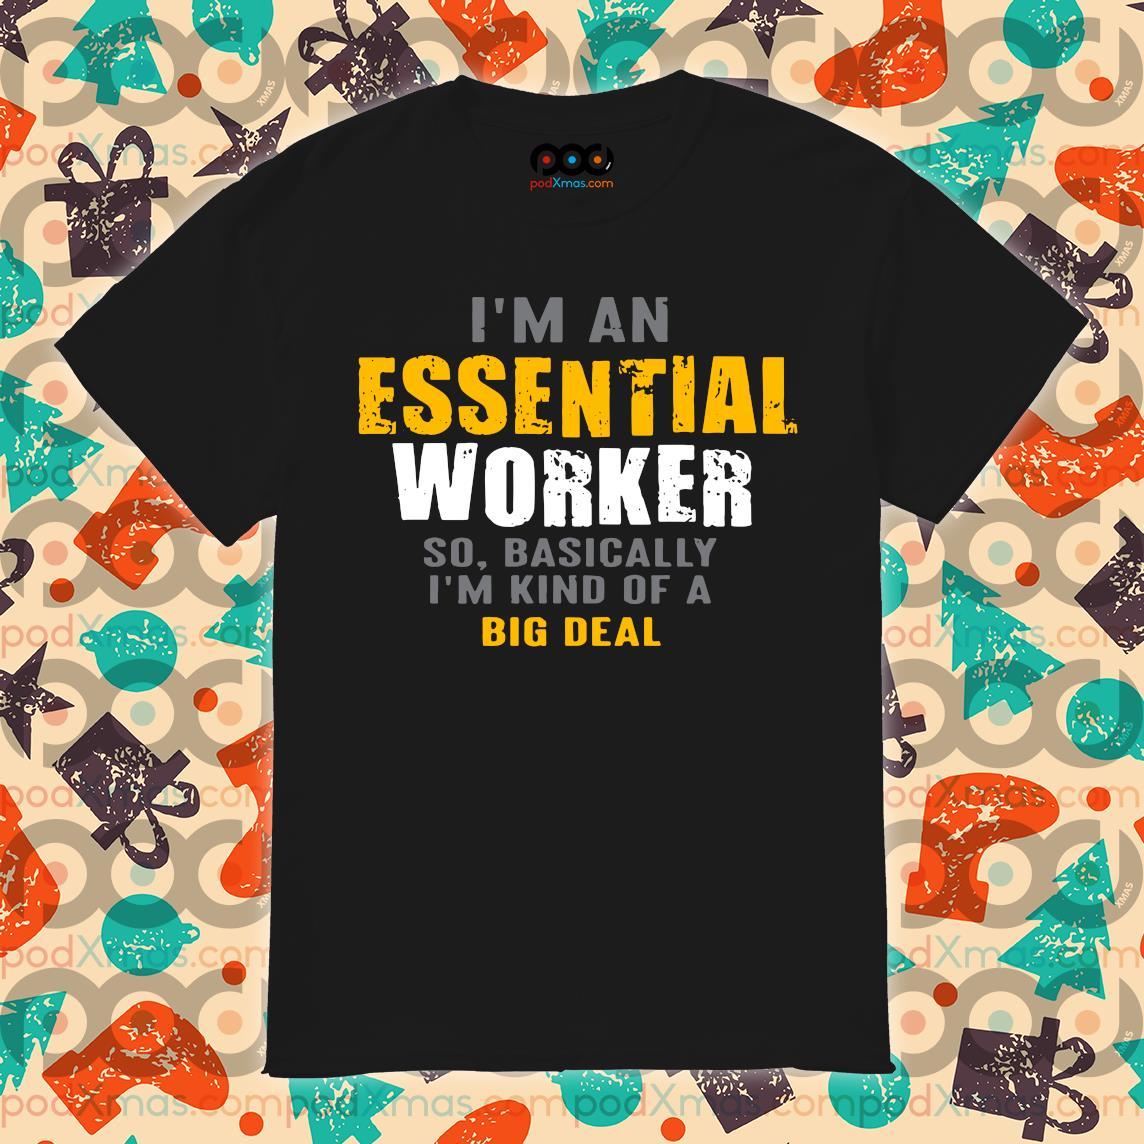 I'm an Essential Worker shirt